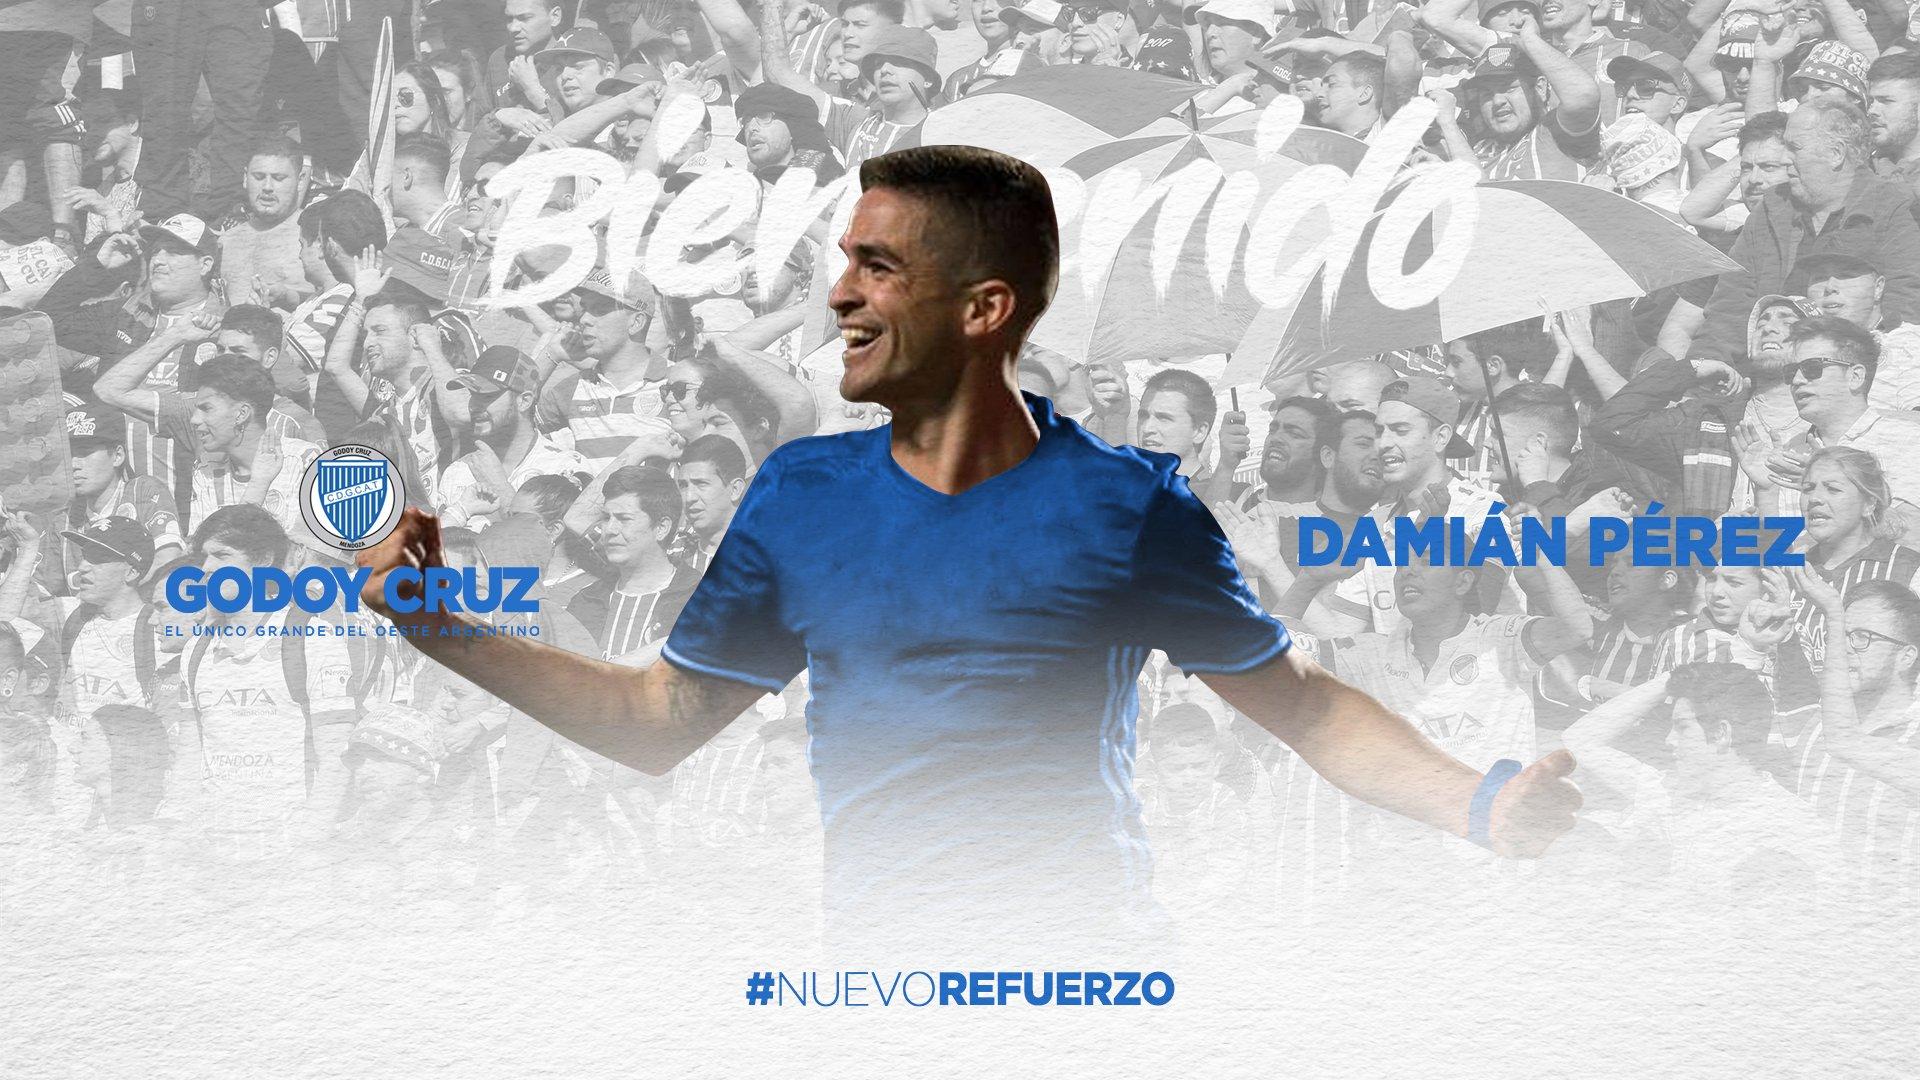 Godoy Cruz presentó a Damián Pérez